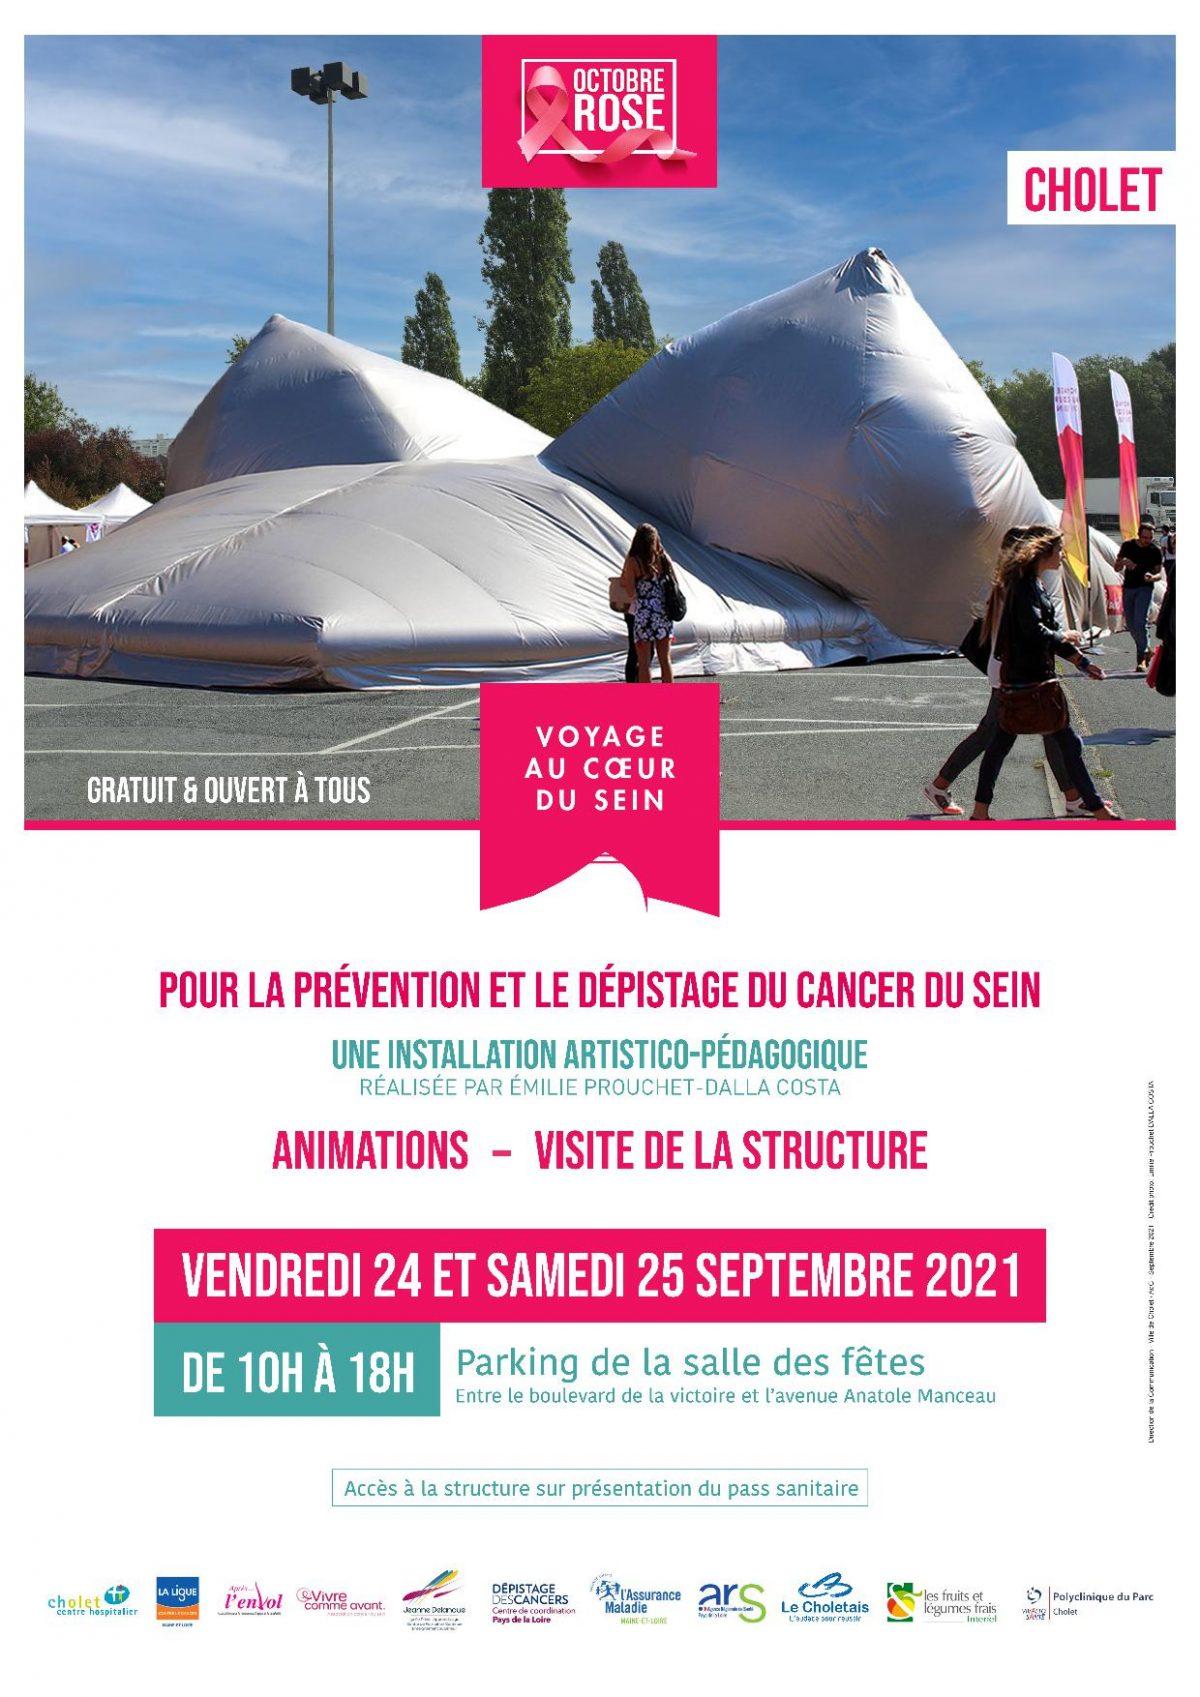 Octobre rose 2021 Cholet